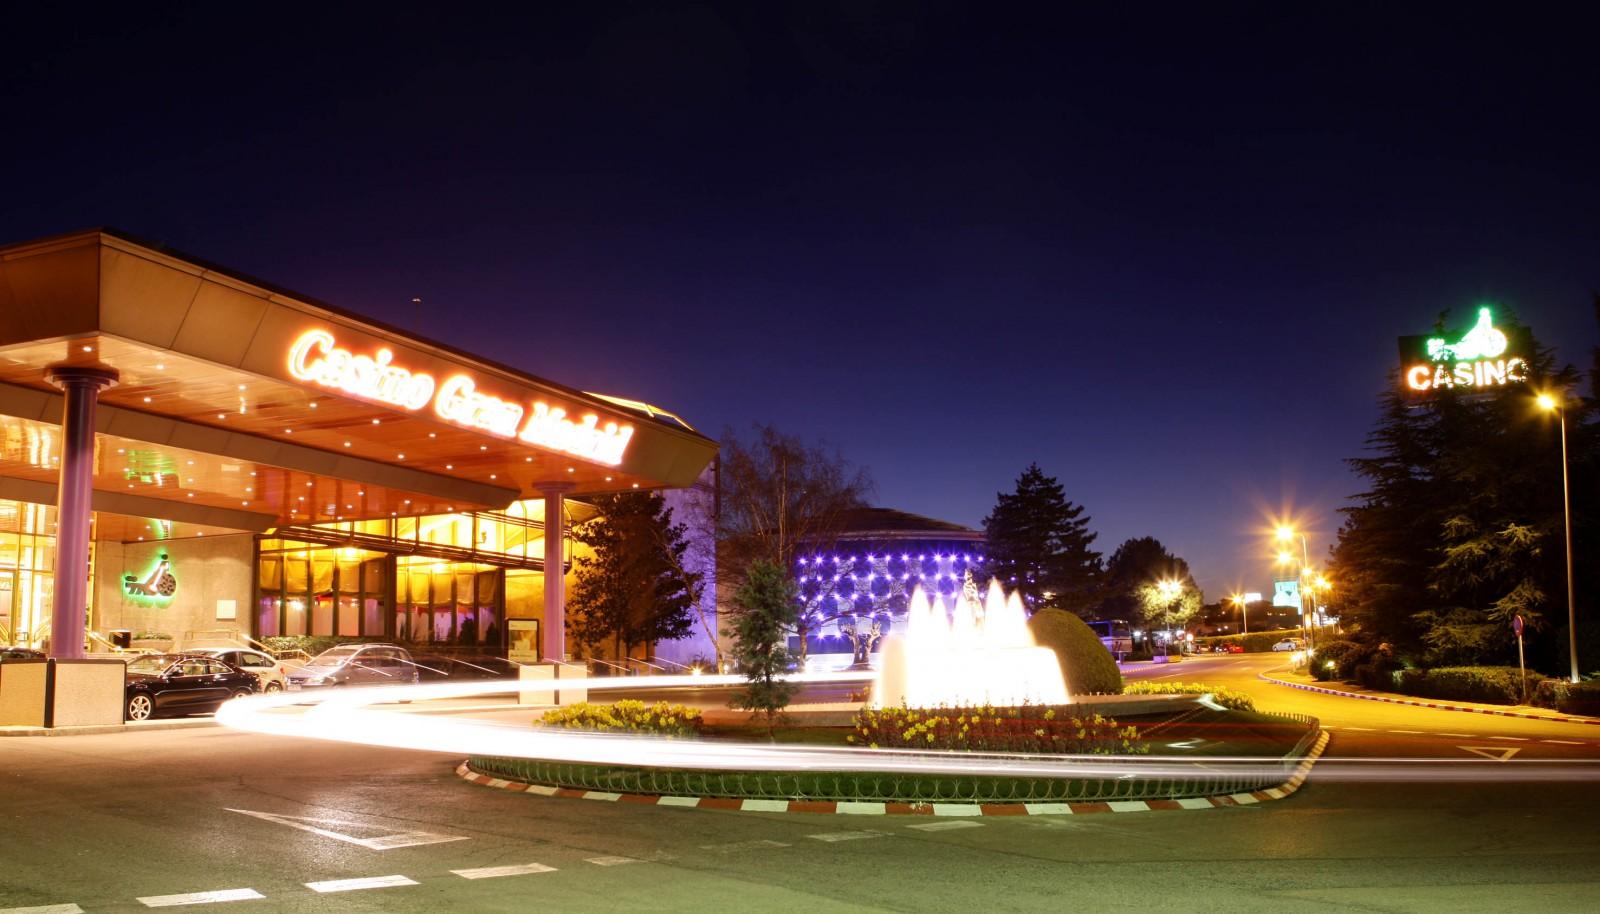 Noticias del casino ebingo online Madrid 816570